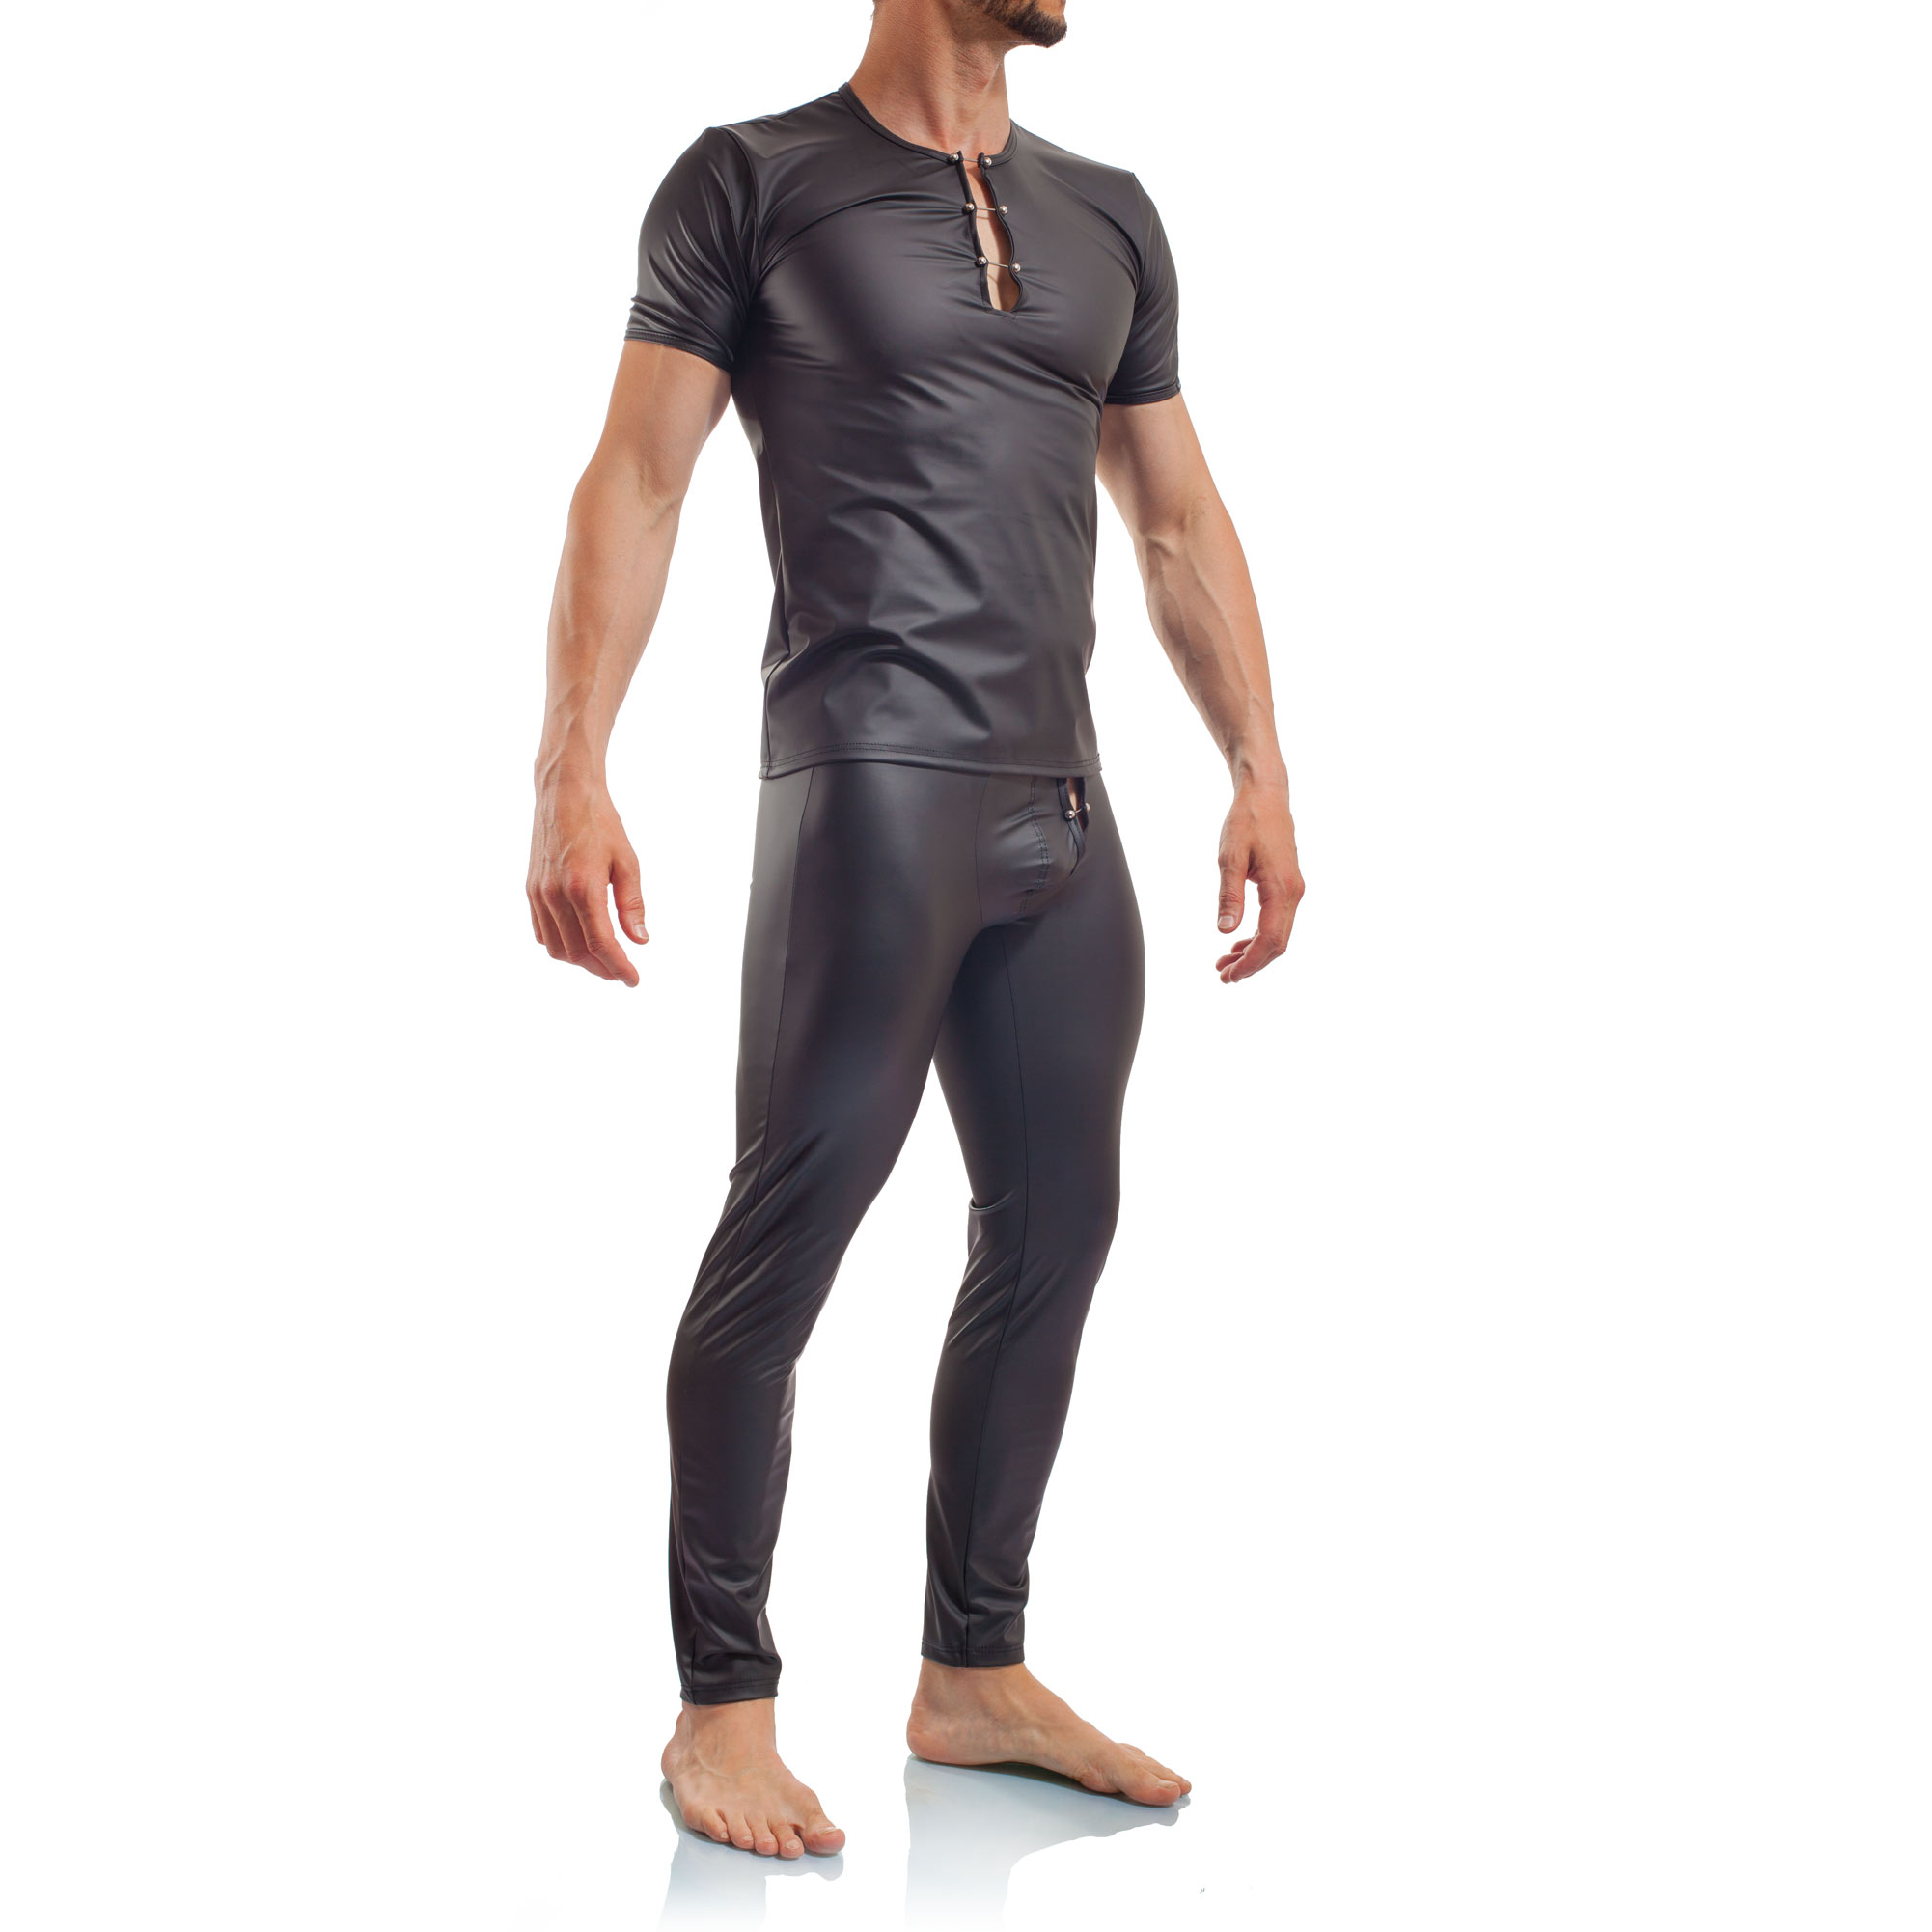 Piercing Shirt, mattes Leder, Synlex, schwarz, Leatherlike, eng anliegendes Männershirt